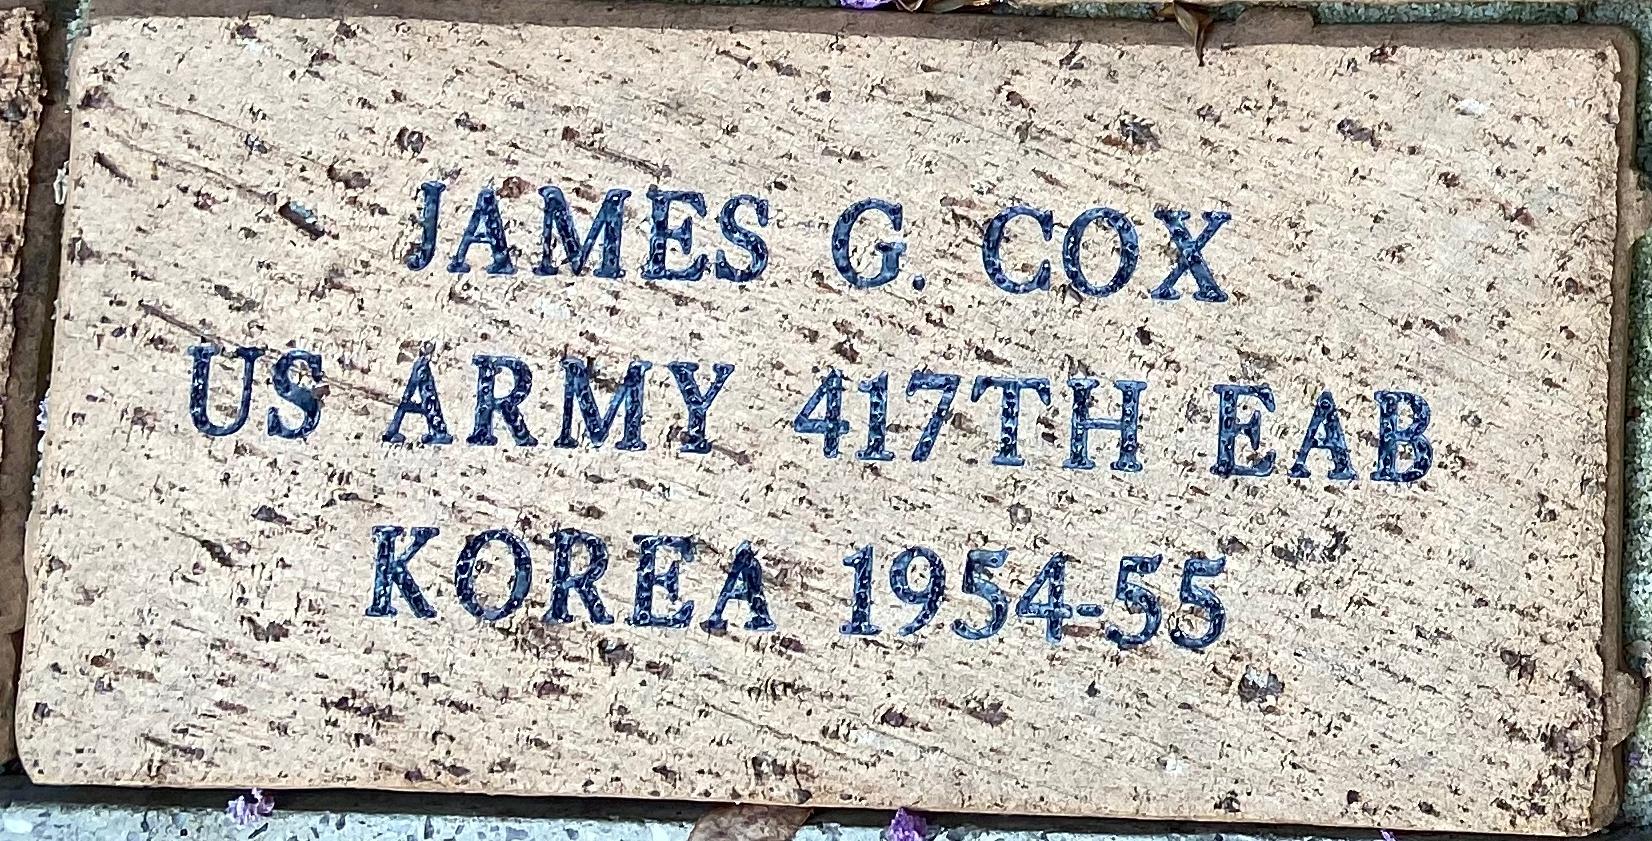 JAMES G. COX US ARMY 417TH EAB KOREA 1954-55